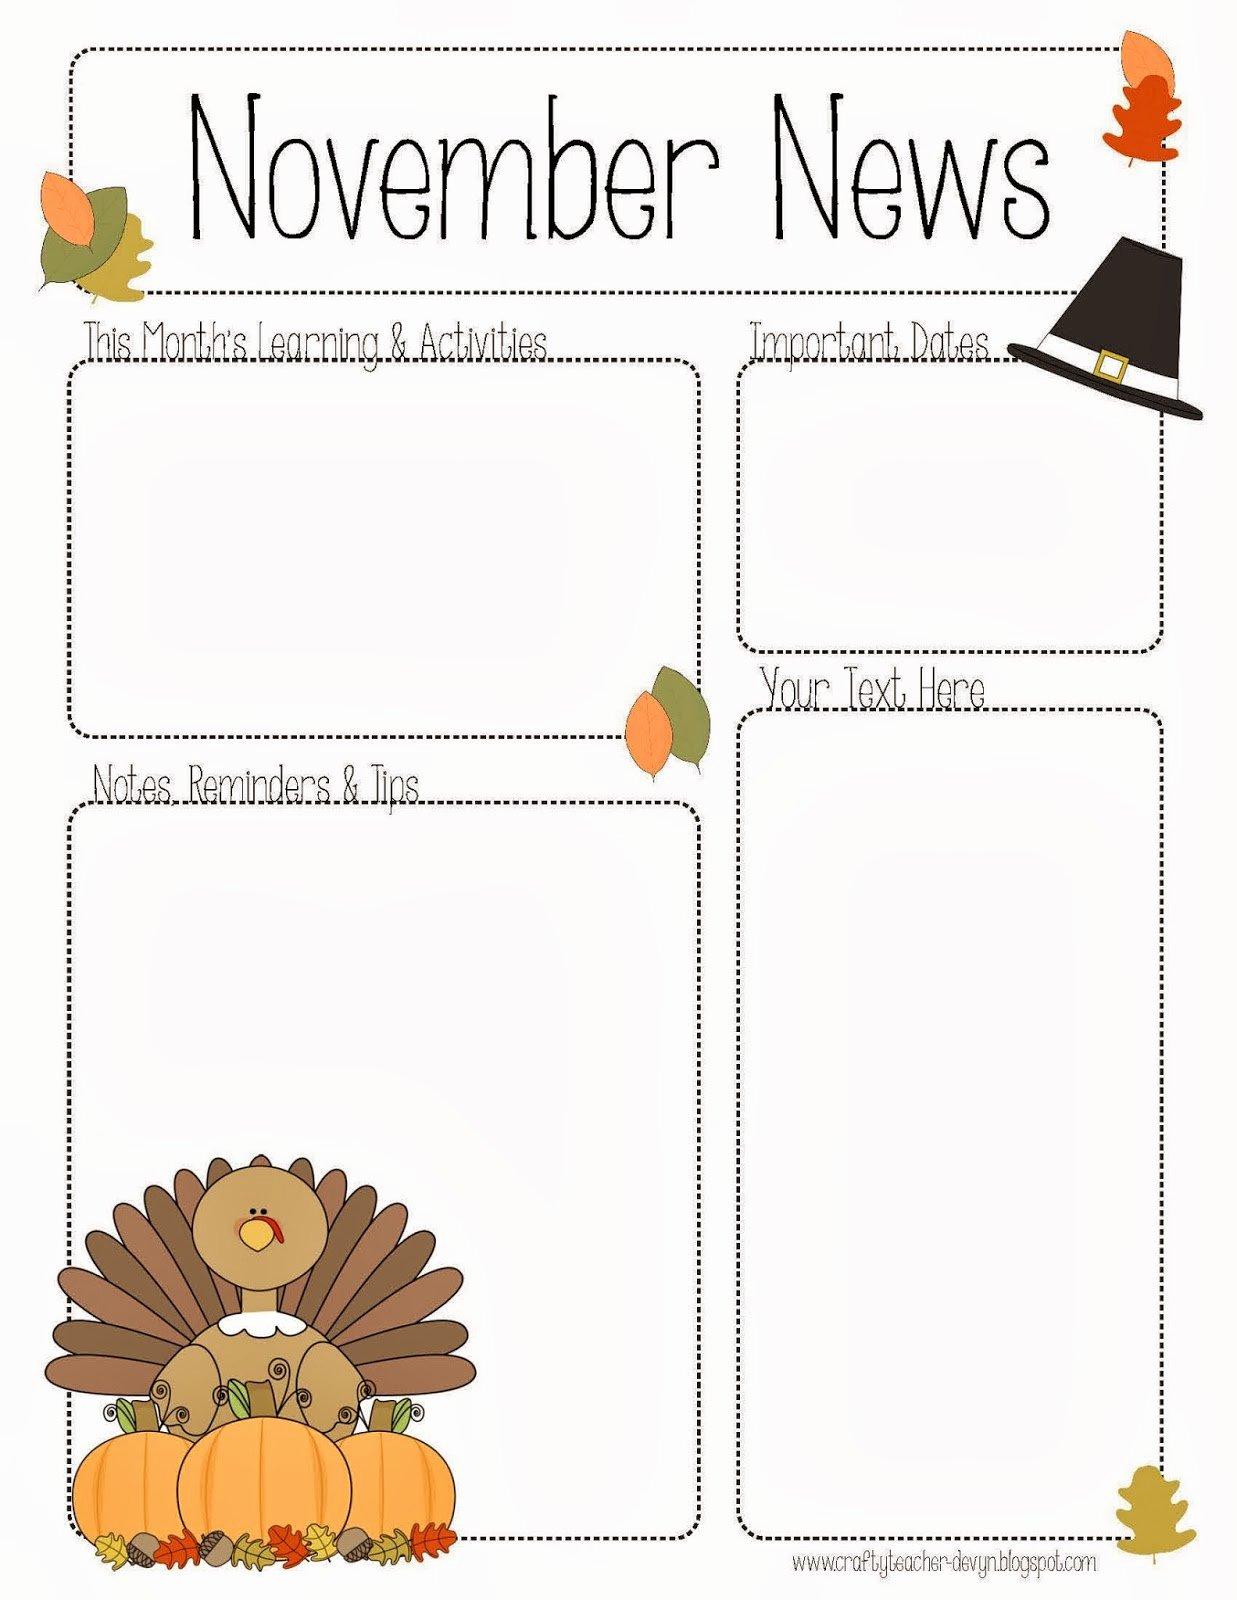 Preschool Newsletter Template Editable Inspirational November Newsletter for Preschool Pre K Kindergarten